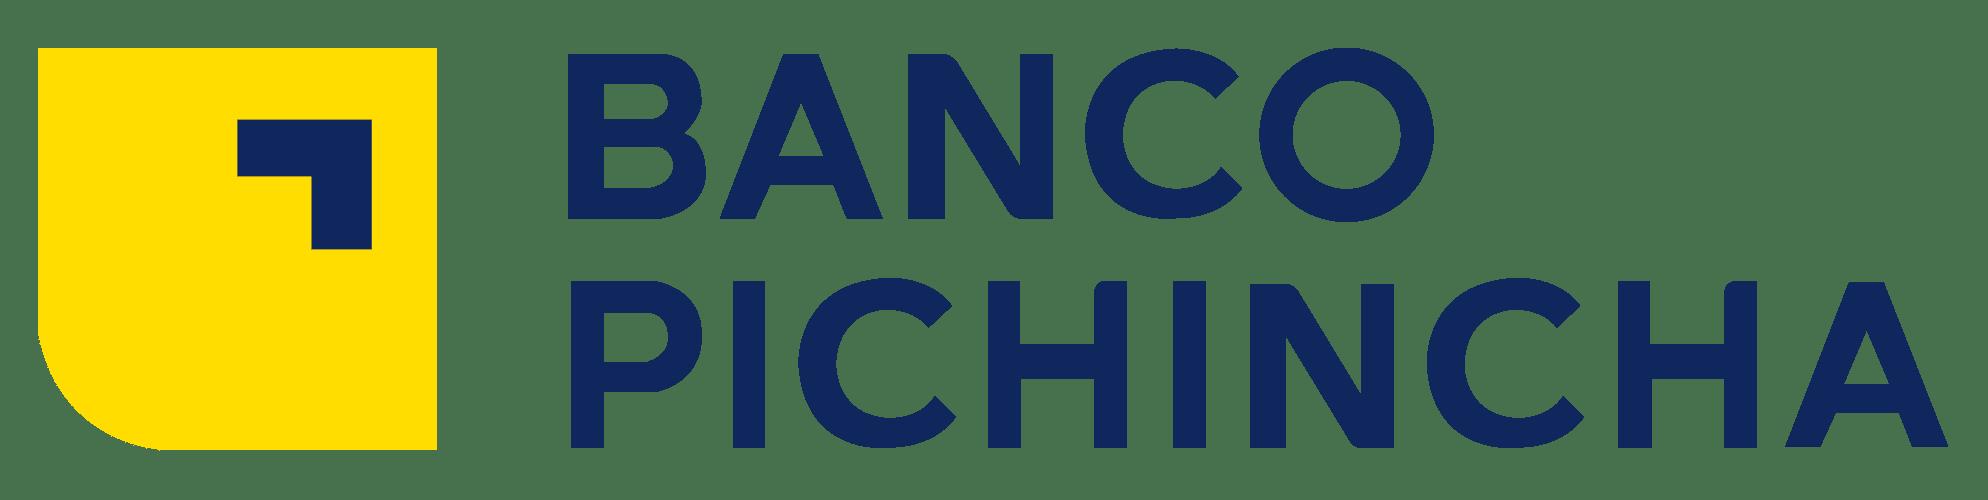 BancoPichincha Logo min